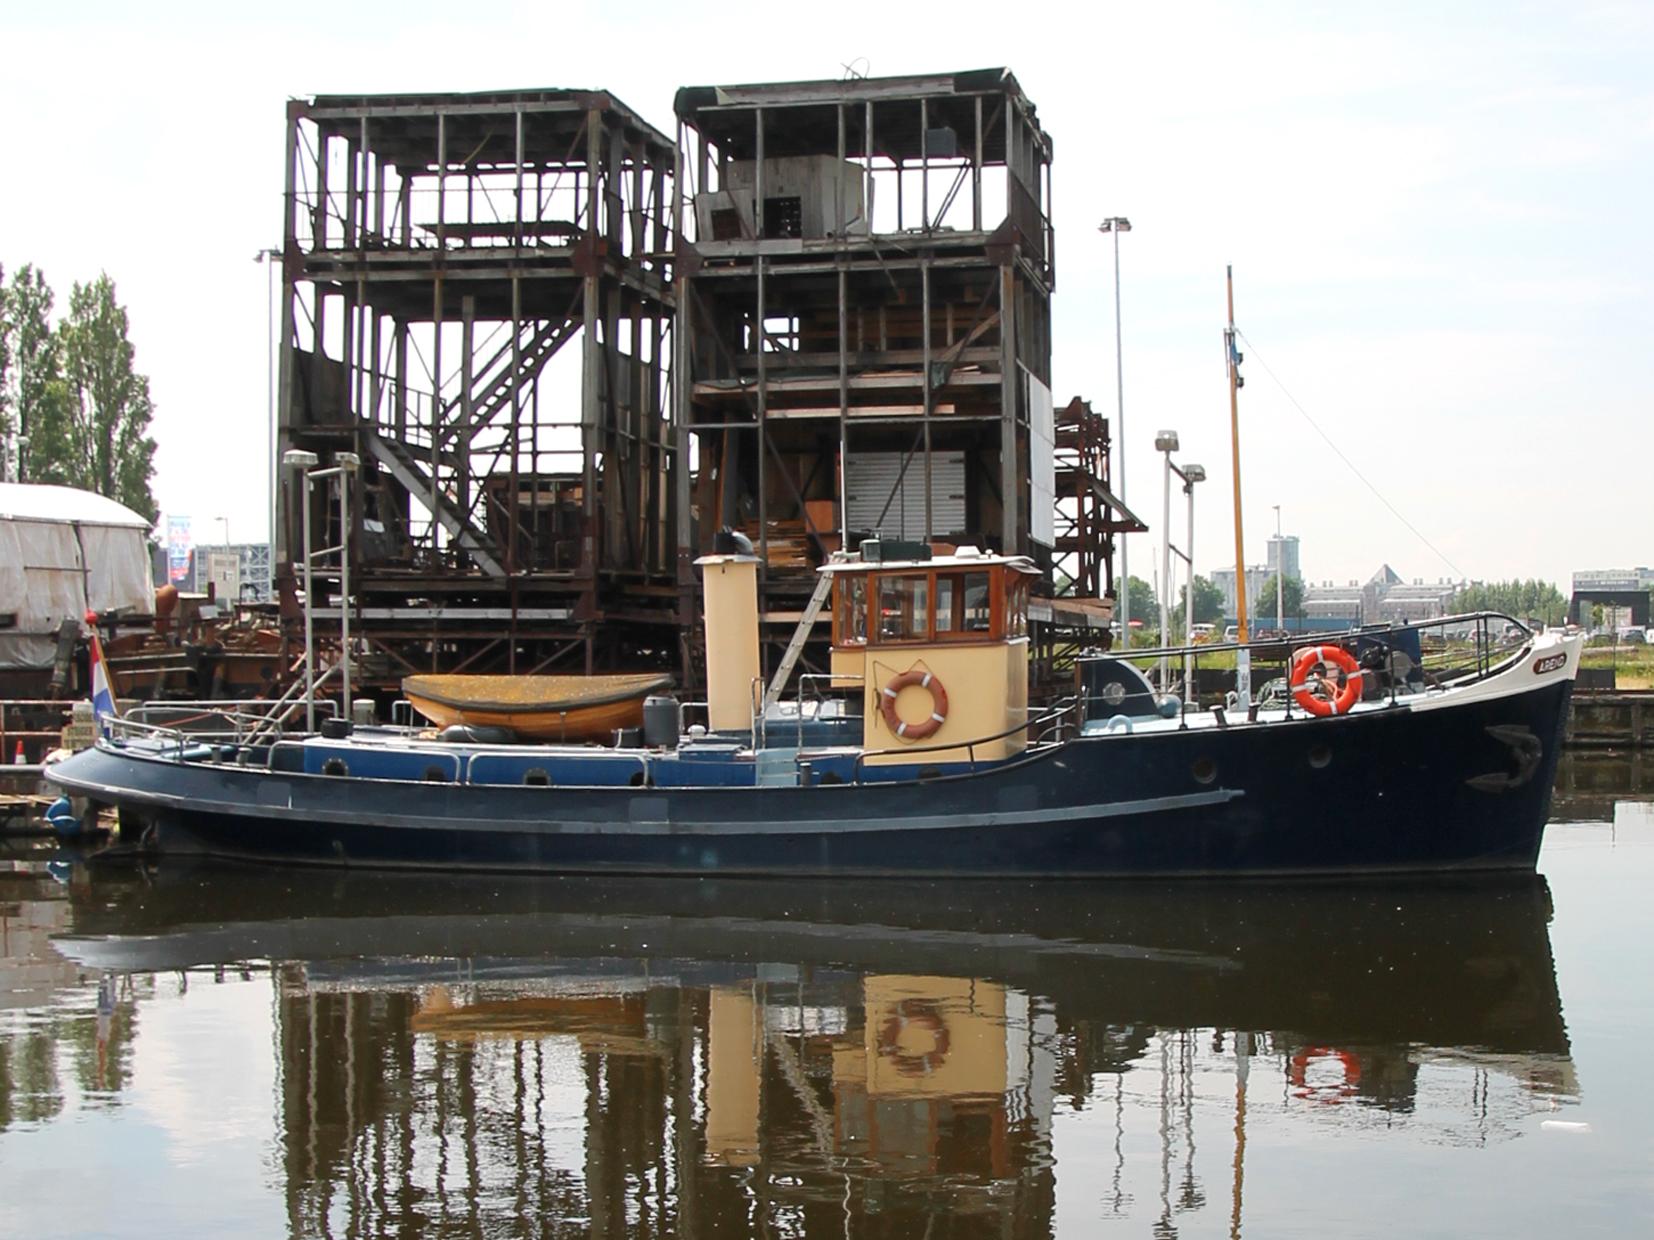 inspectievaartuig   te koop · Ligplaats: Amsterdam · AREND · ref 3149 · Scheepsmakelaardij Fikkers